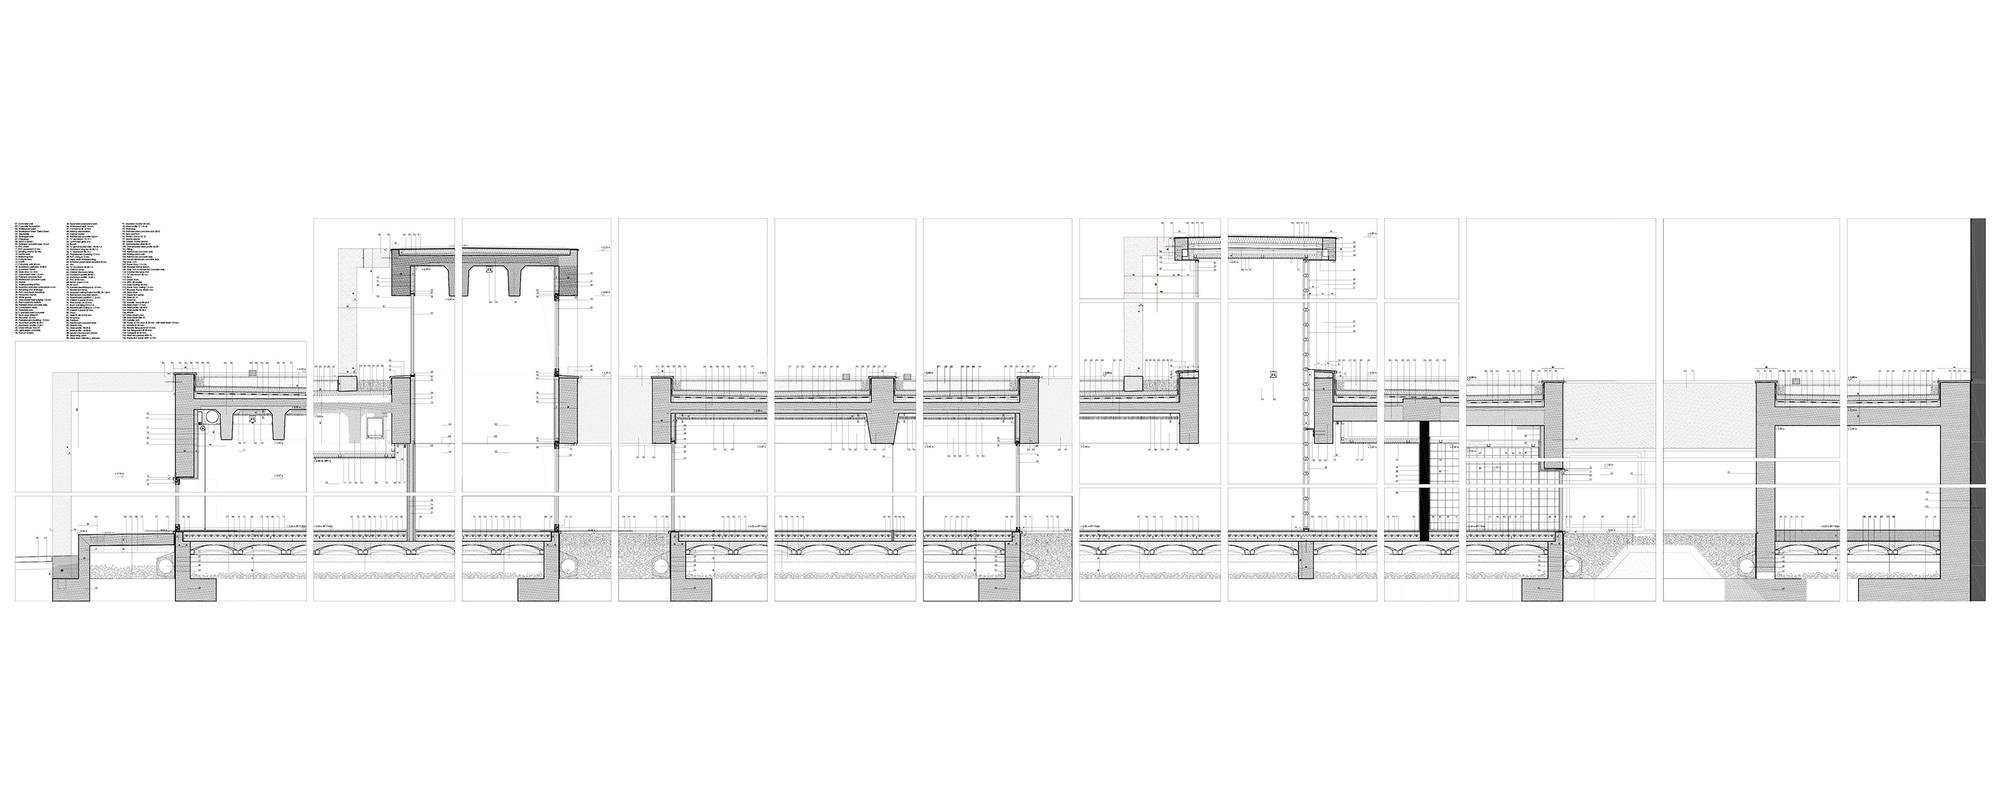 Galeria de jardim de inf ncia pamplona pereda p rez - Arquitectos de granada ...